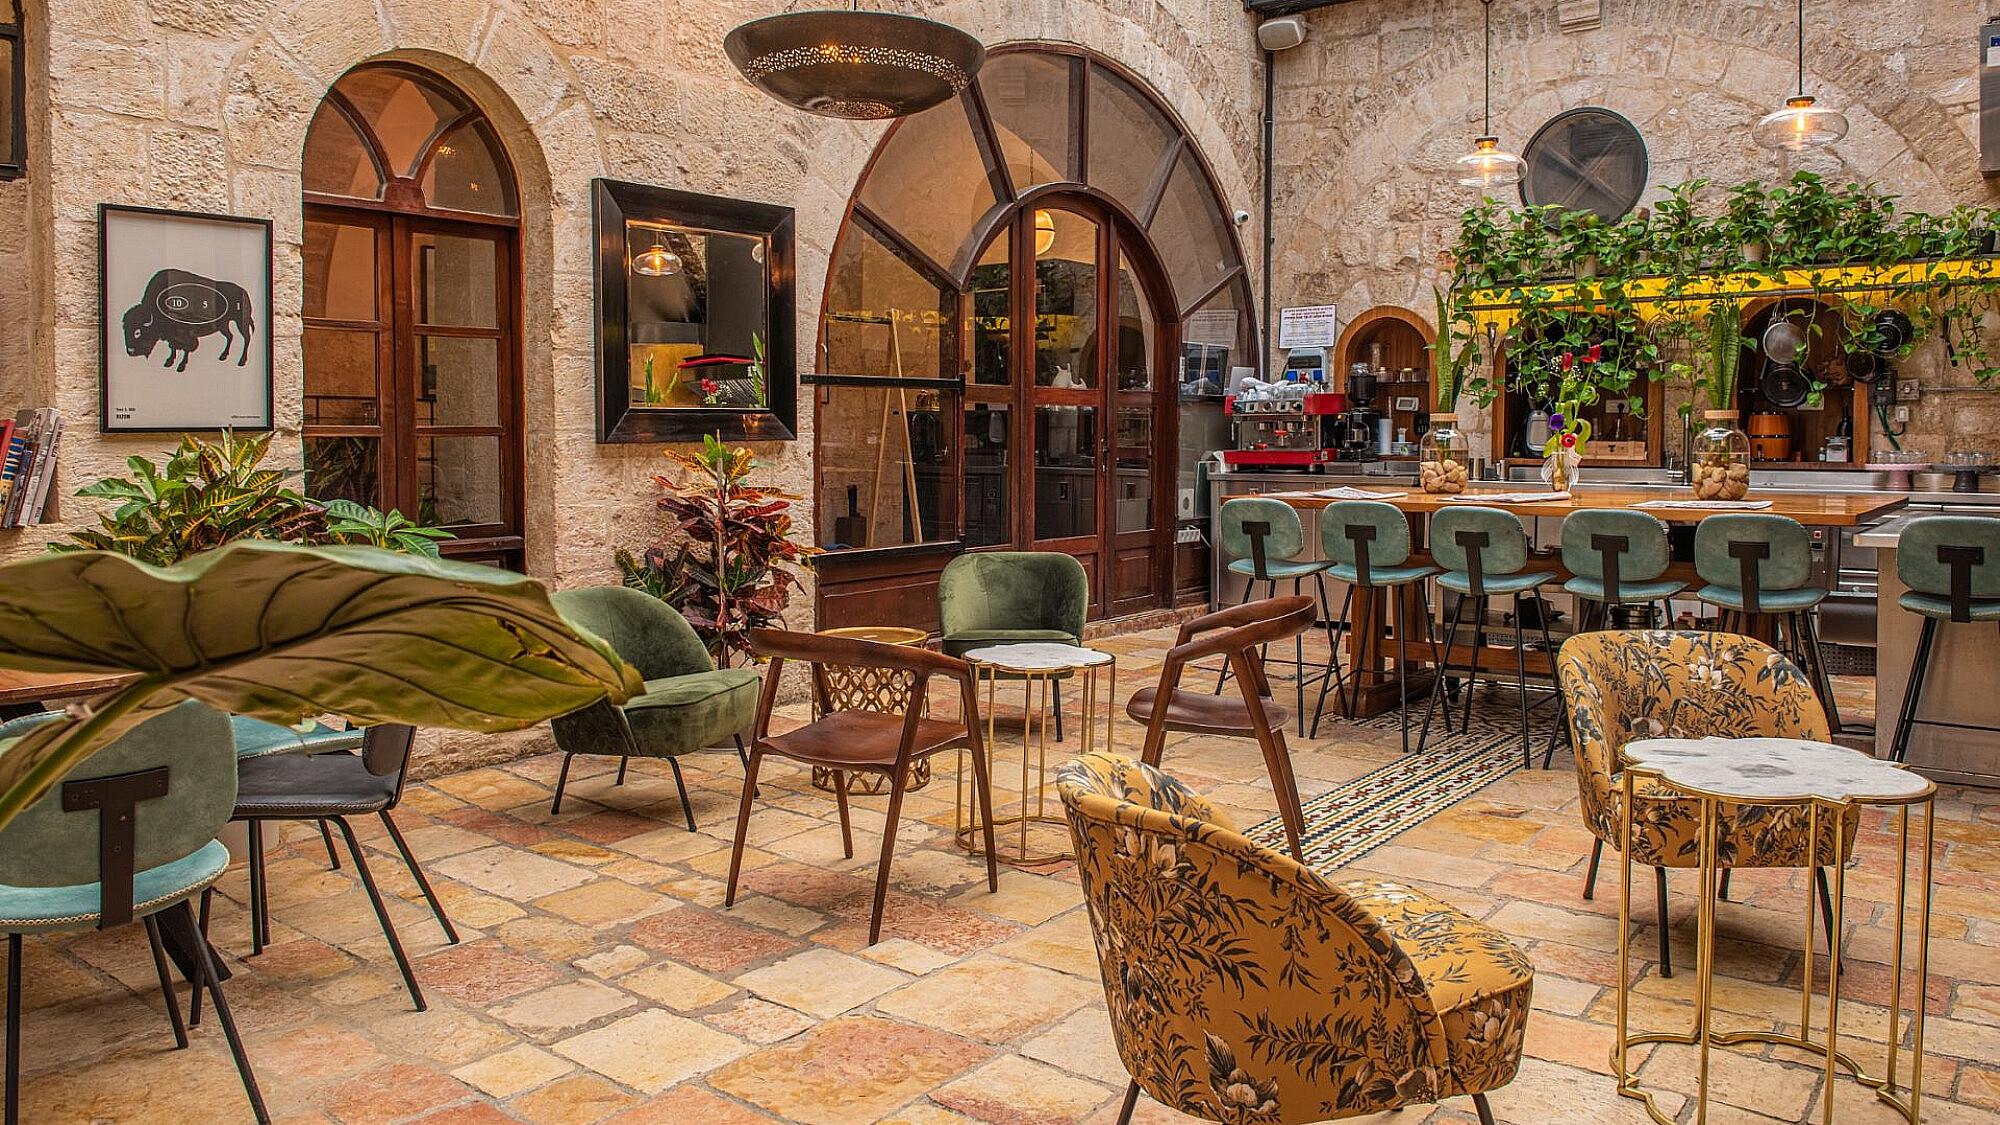 מלון אלגרה בירושלים | צילום: אלונה קלוגמן